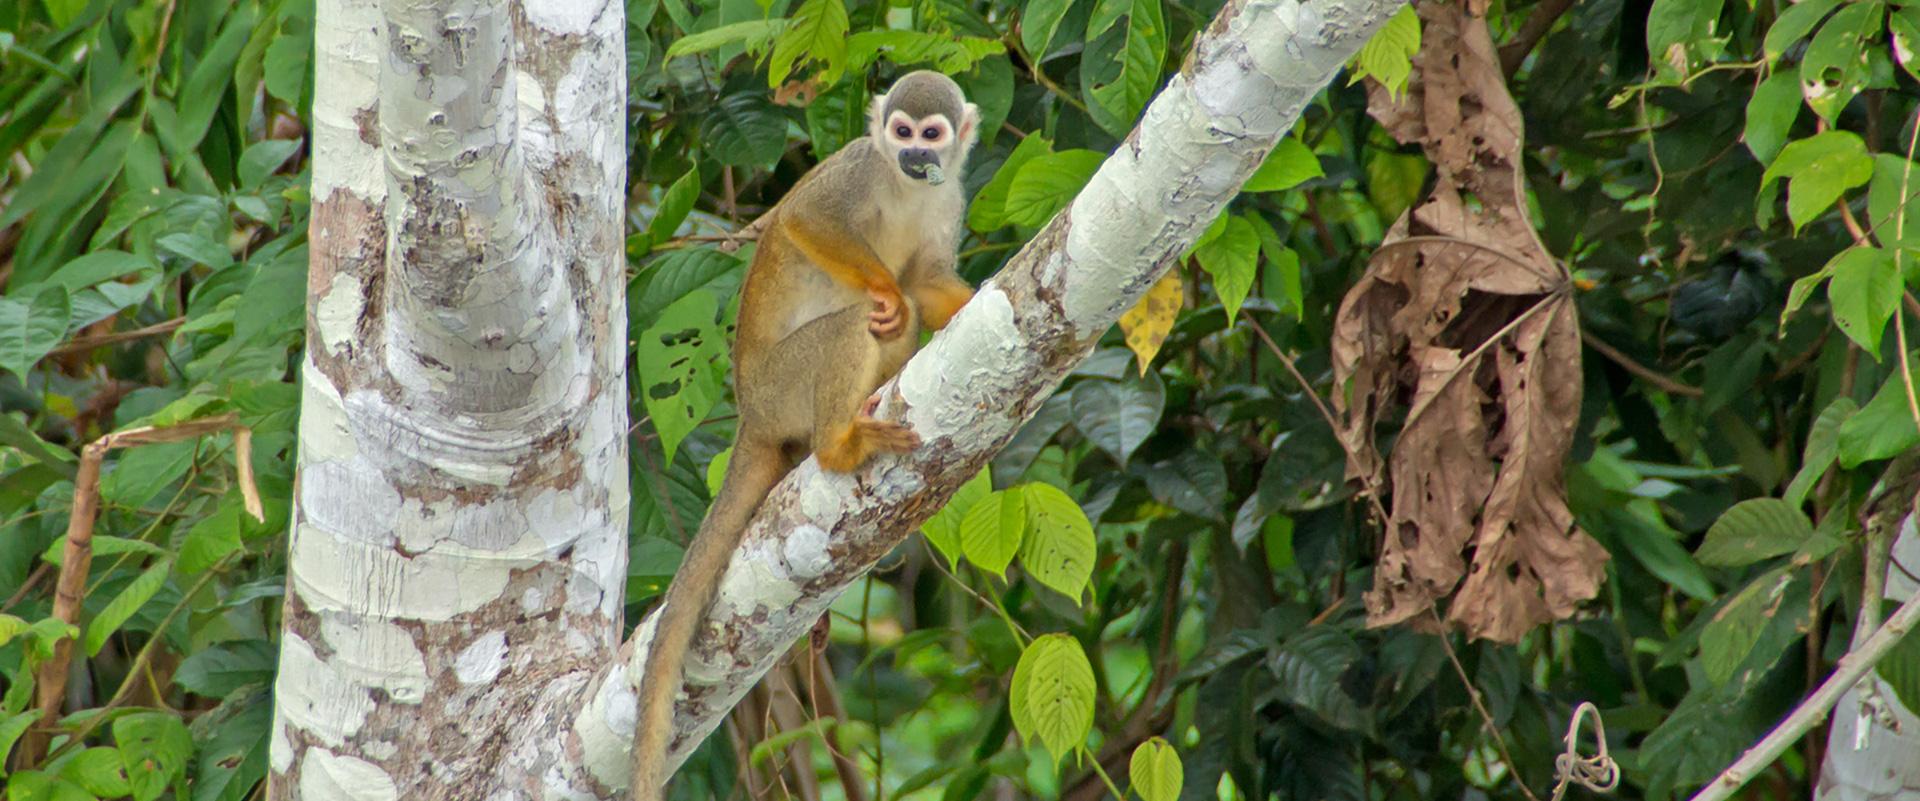 Squirrel Monkey Amazon Ecuador Tours